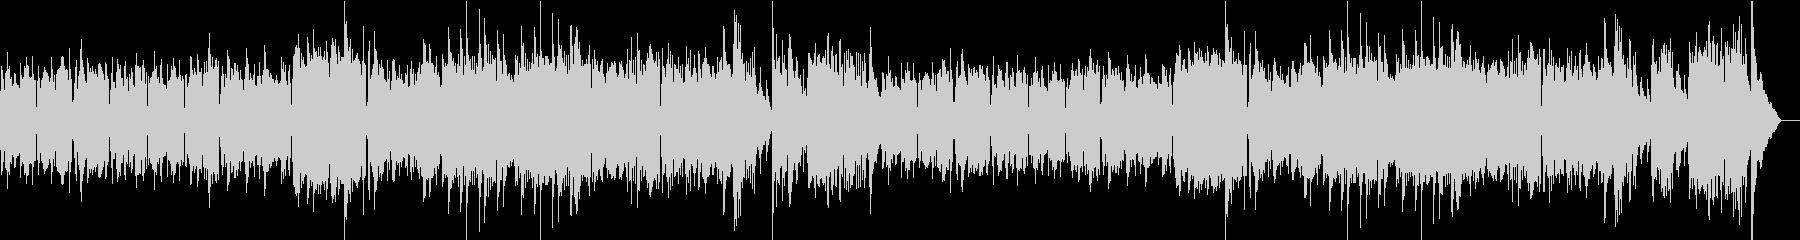 アコーディオンのシャンソン風明るいワルツの未再生の波形